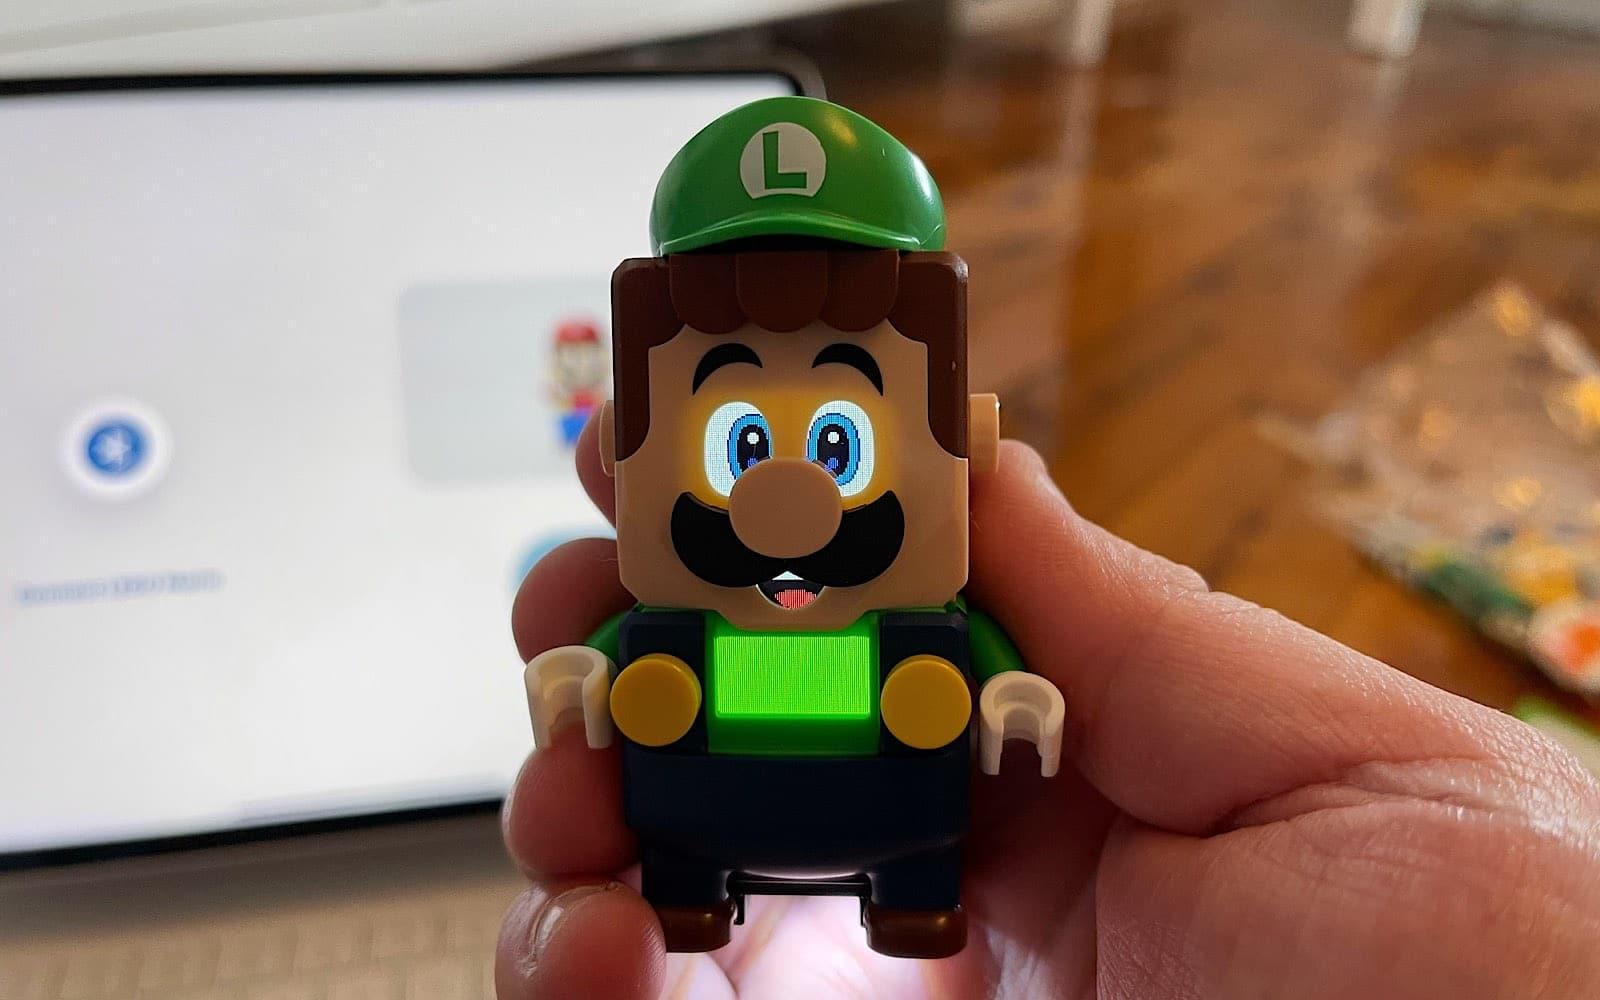 Luigi is both digital and Lego.